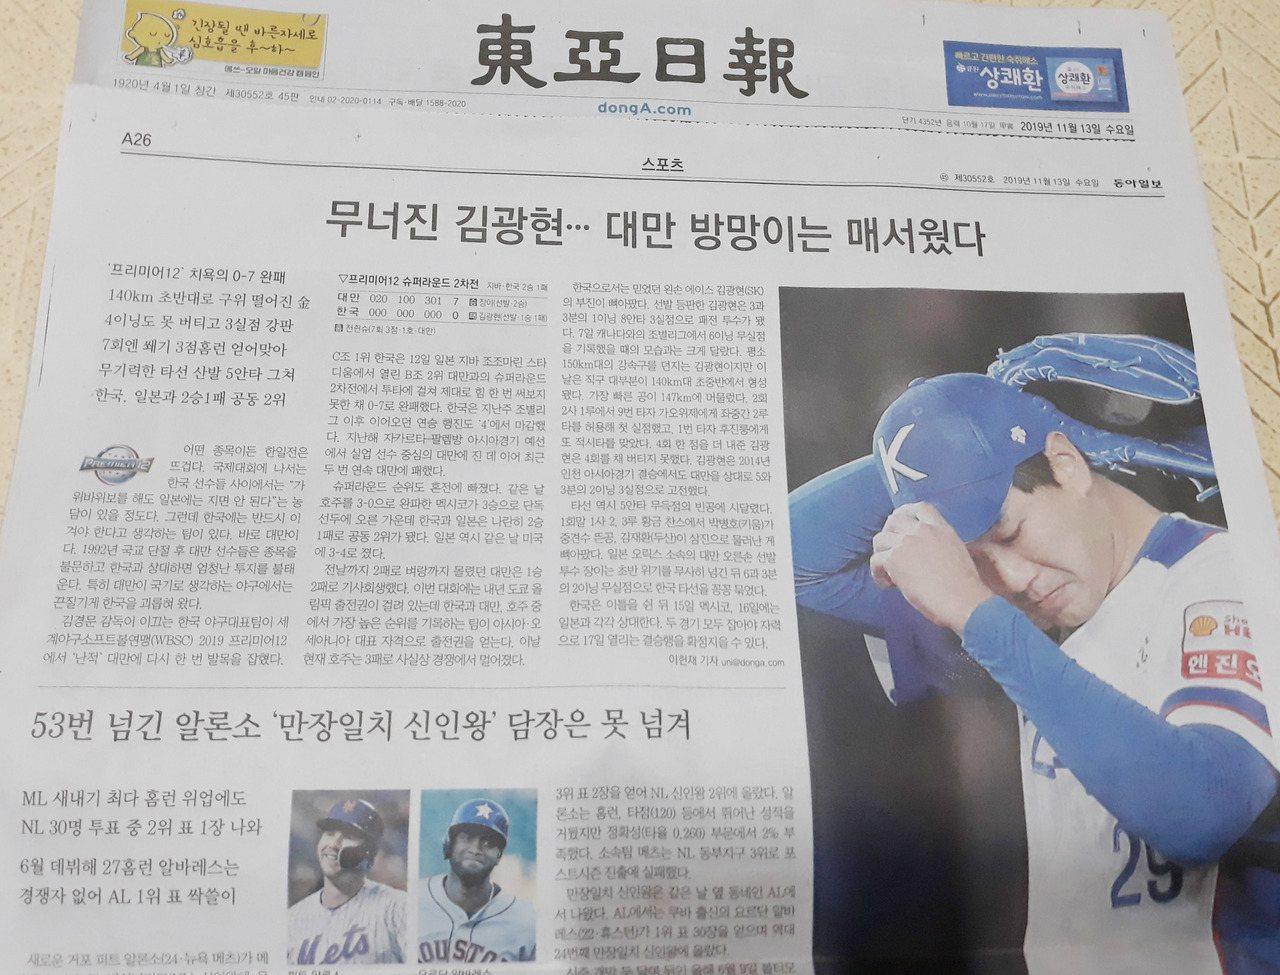 南韓「東亞日報」13日在體育版頭條以「金廣鉉崩潰--台灣棒子好厲害」為標題報導,...